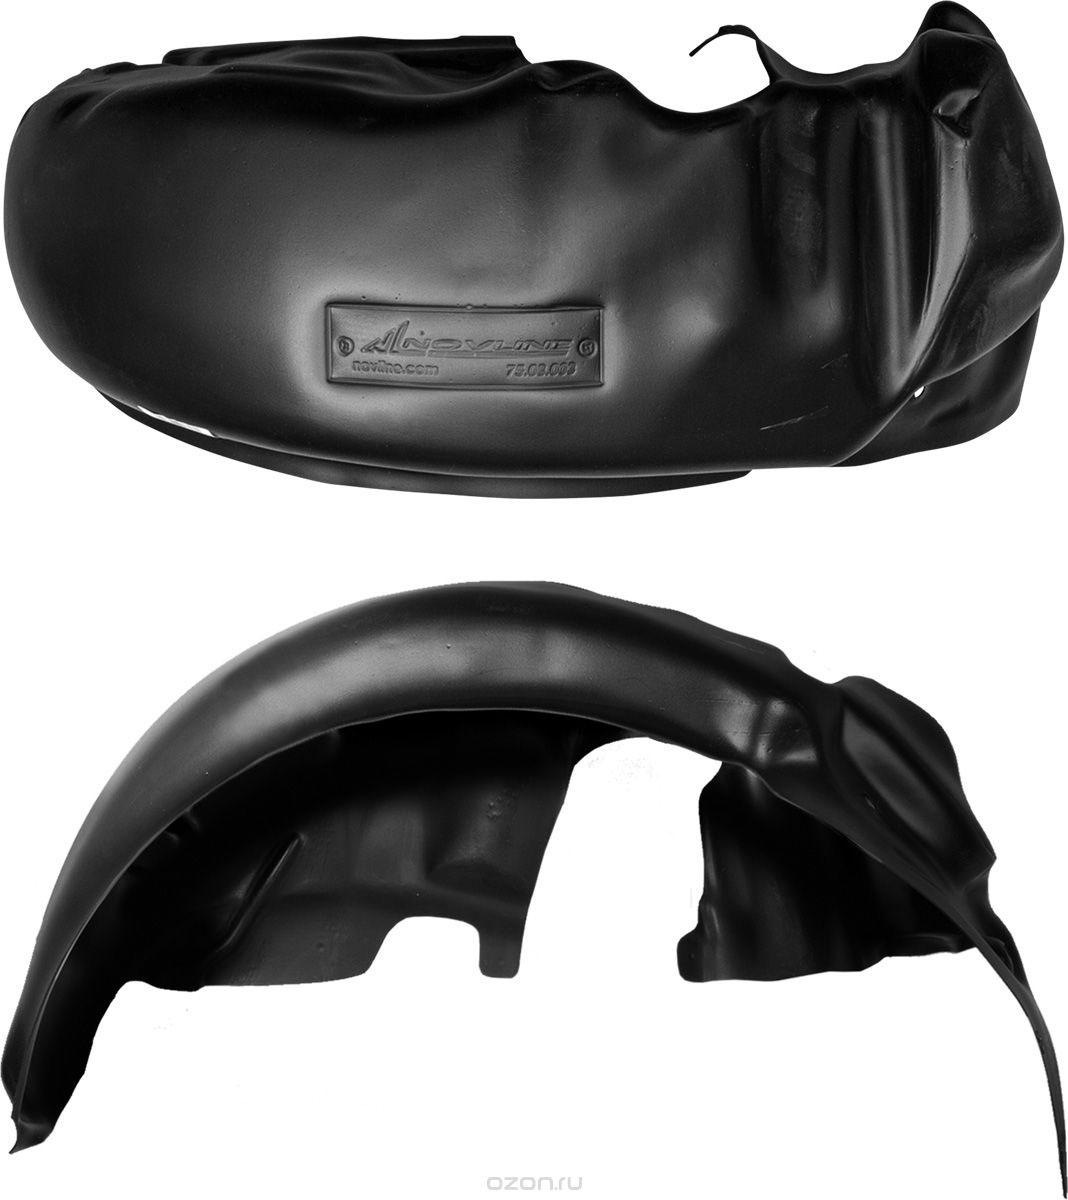 Подкрылок Novline-Autofamily, для Chevrolet Аveo, 2004-2008, хэтчбек, задний левый004303Идеальная защита колесной ниши. Локеры разработаны с применением цифровых технологий, гарантируют максимальную повторяемость поверхности арки. Изделия устанавливаются без нарушения лакокрасочного покрытия автомобиля, каждый подкрылок комплектуется крепежом. Уважаемые клиенты, обращаем ваше внимание, что фотографии на подкрылки универсальные и не отражают реальную форму изделия. При этом само изделие идет точно под размер указанного автомобиля.